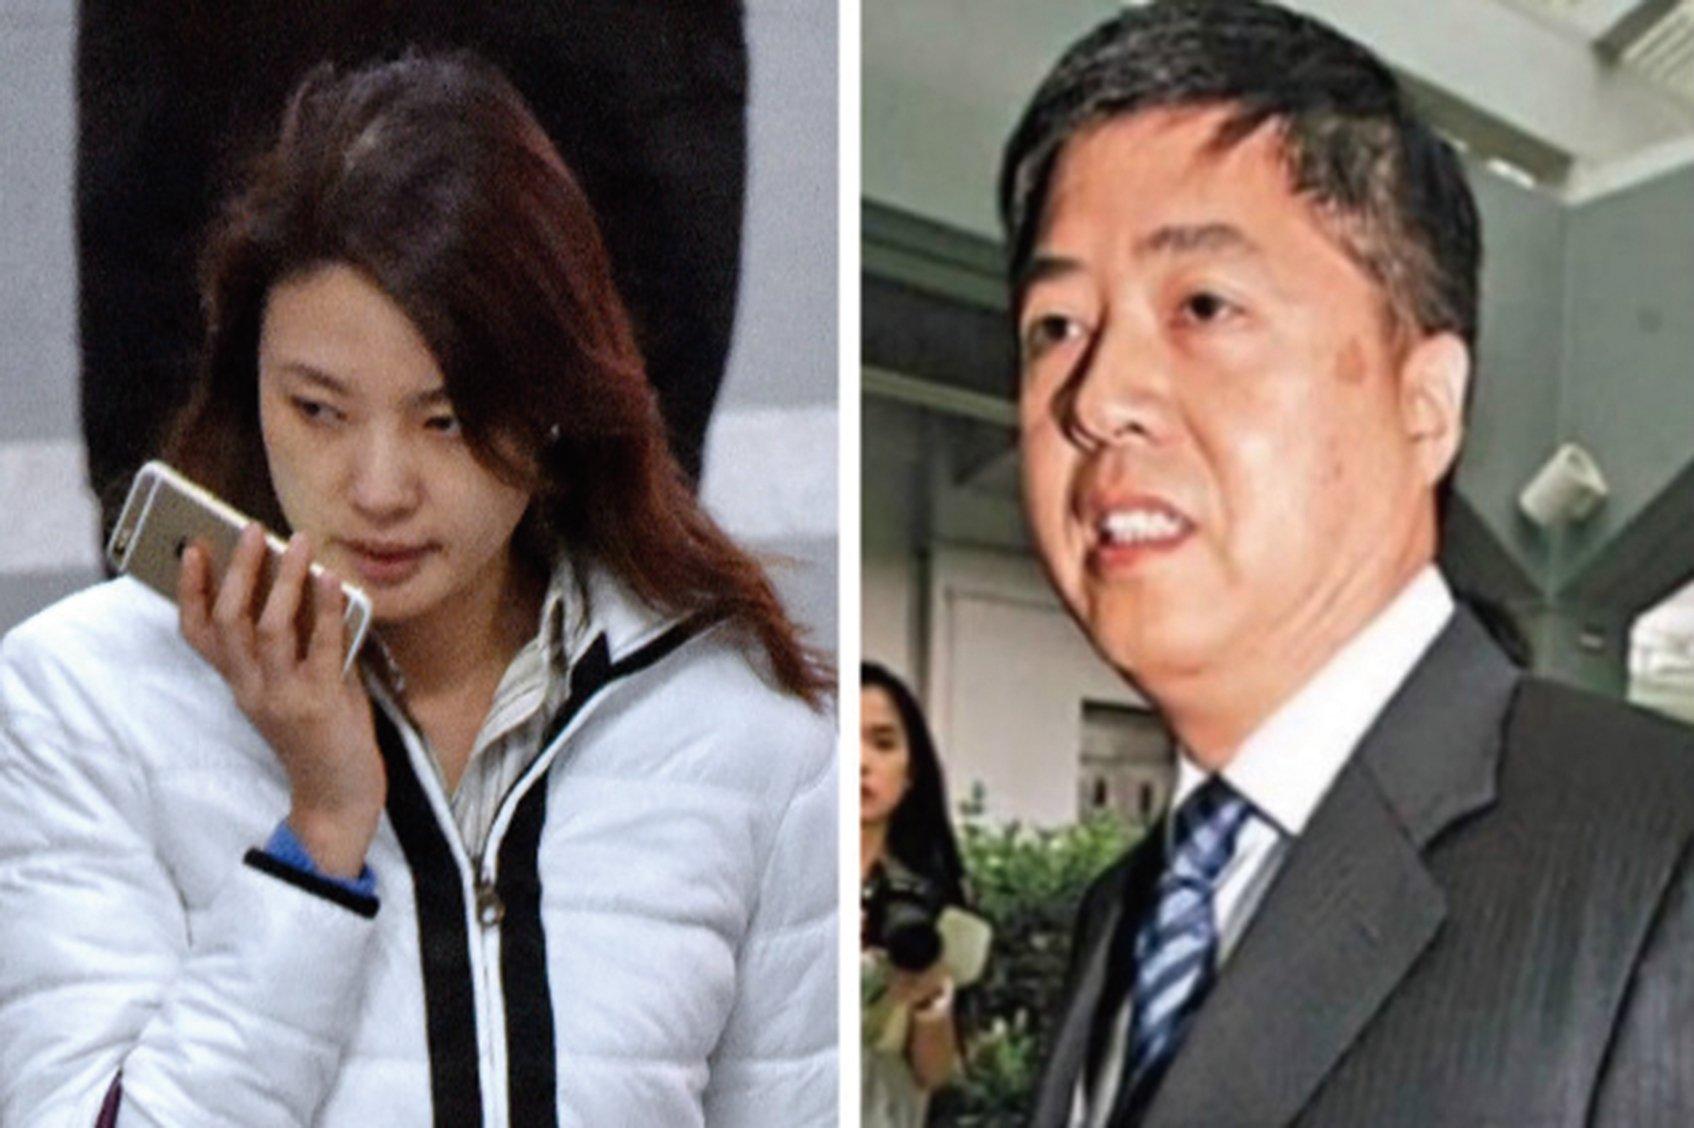 央視女主持劉芳菲(左)的丈夫、香港君怡酒店老闆劉希泳(右)在吉林被逼供致死案在天津宣判,案件內幕重重。(網絡圖片)